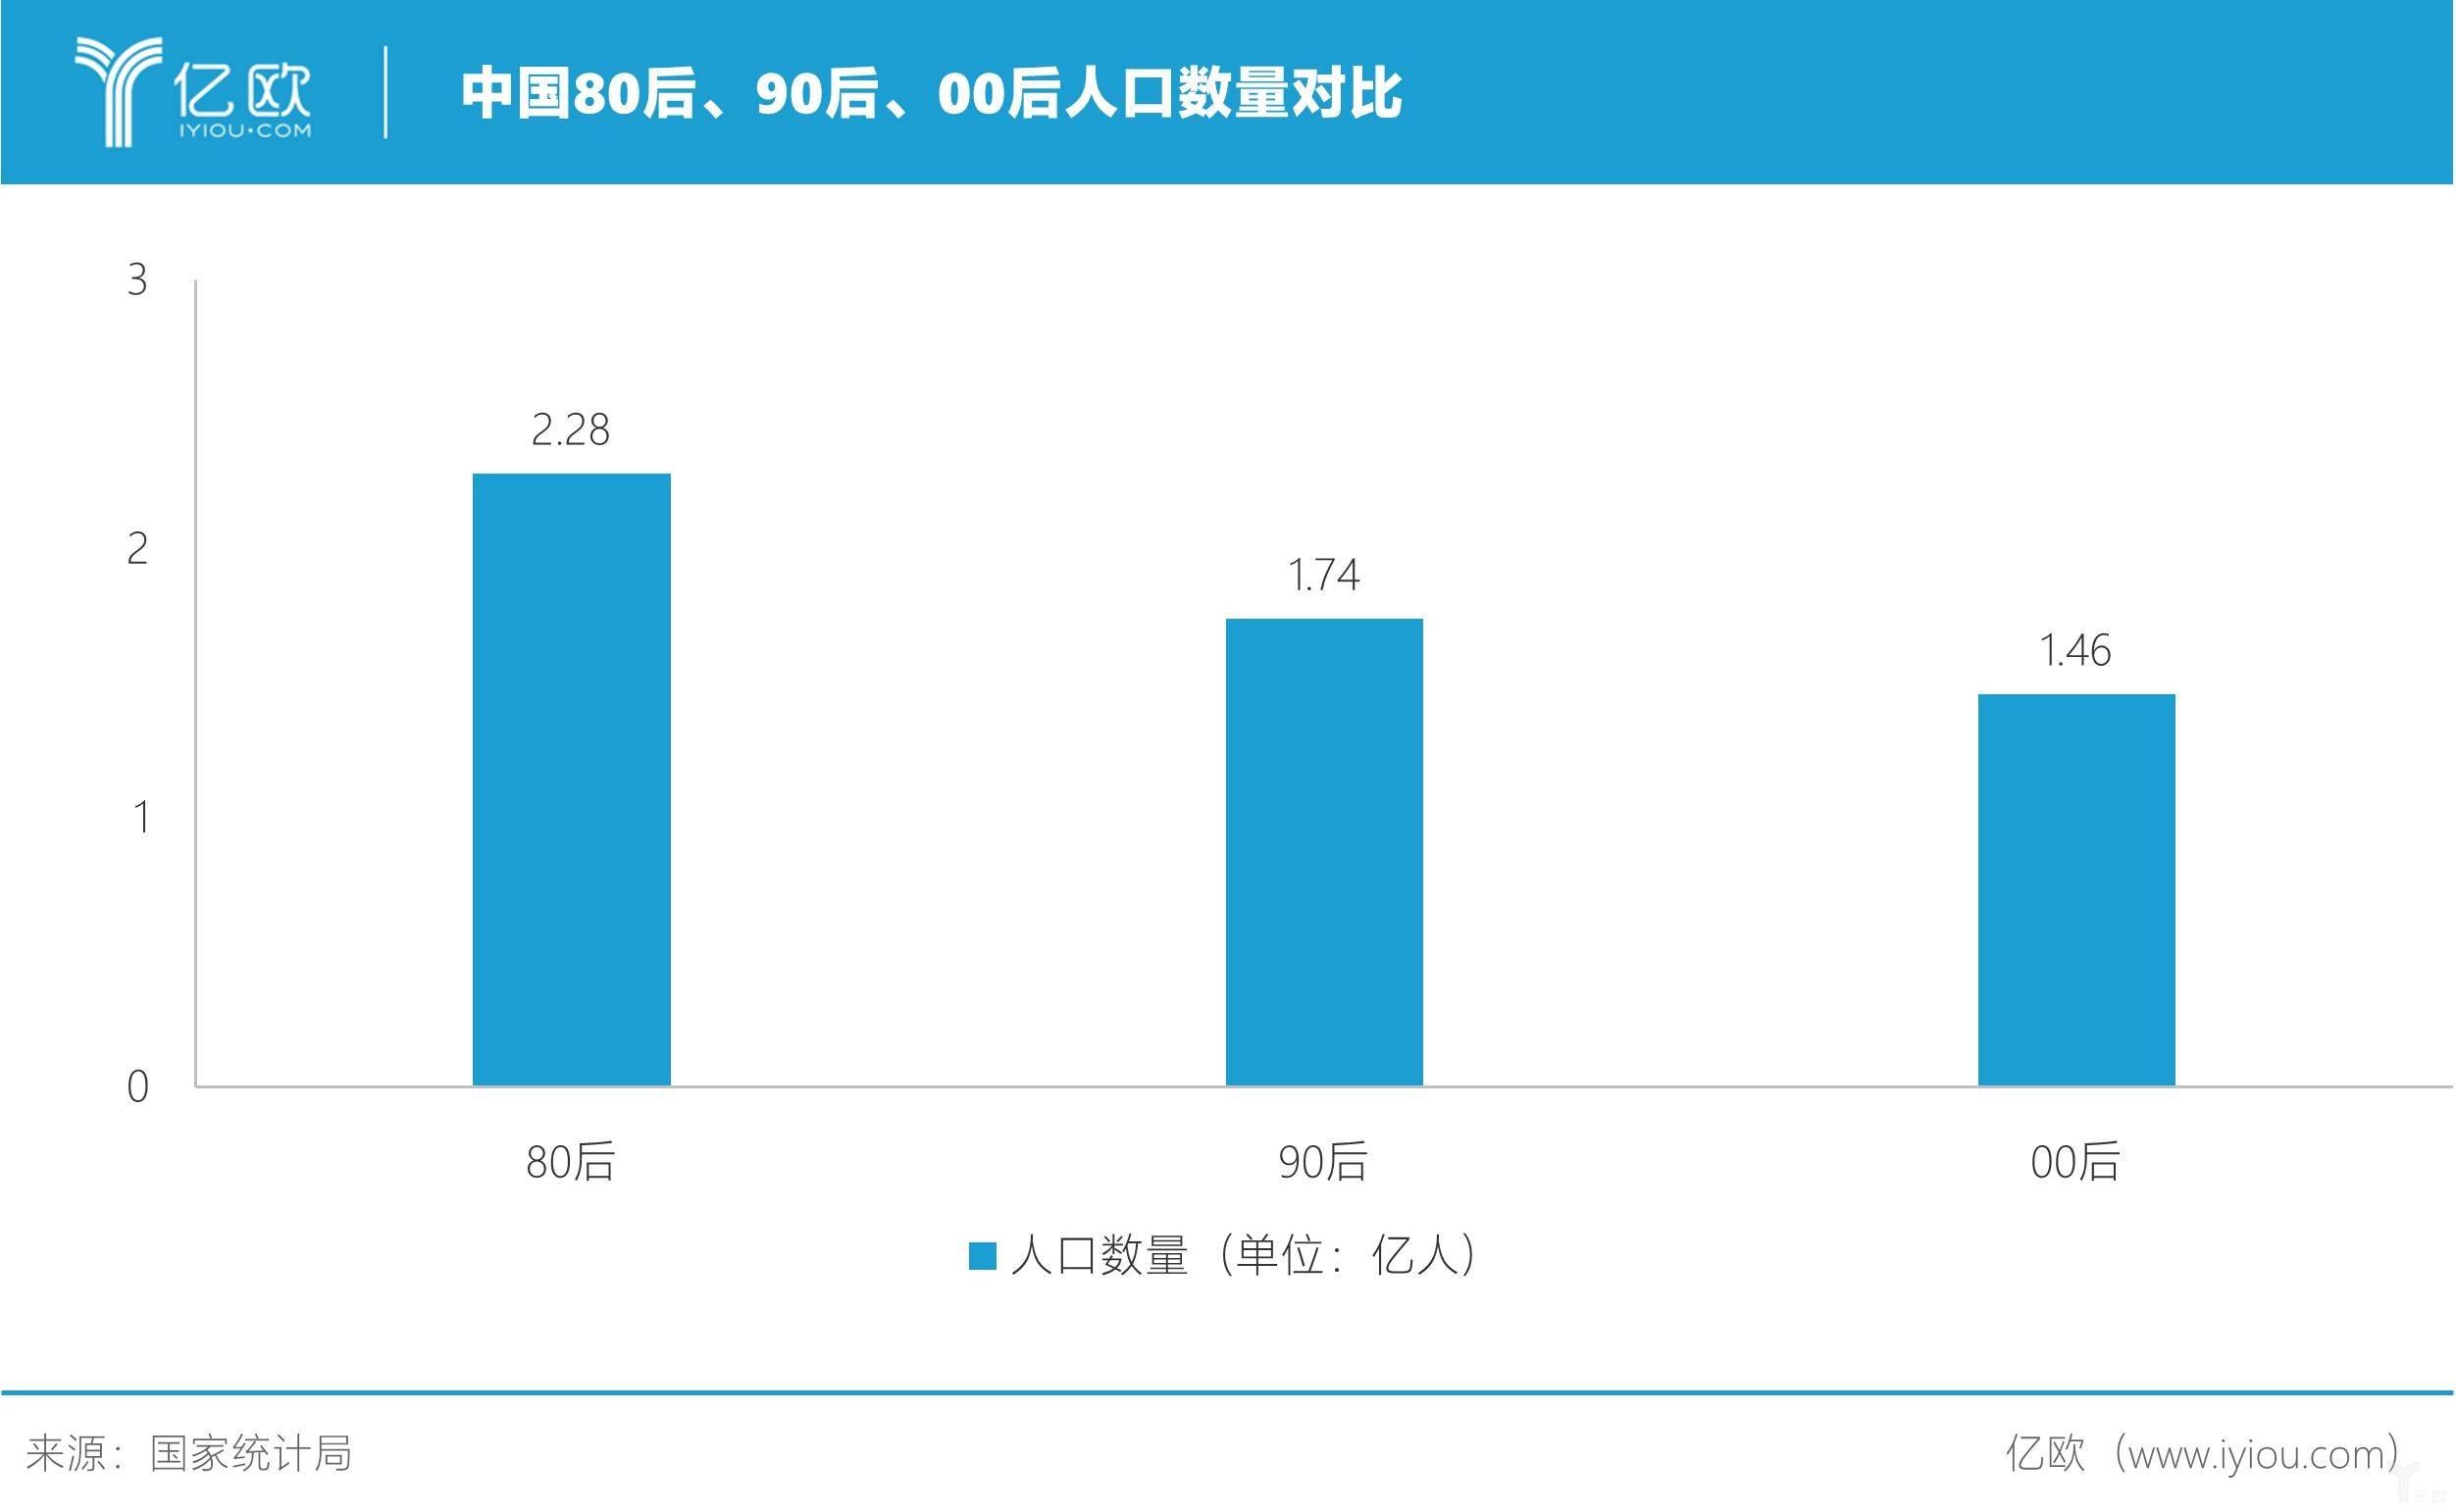 中国80、90、00后人口对比